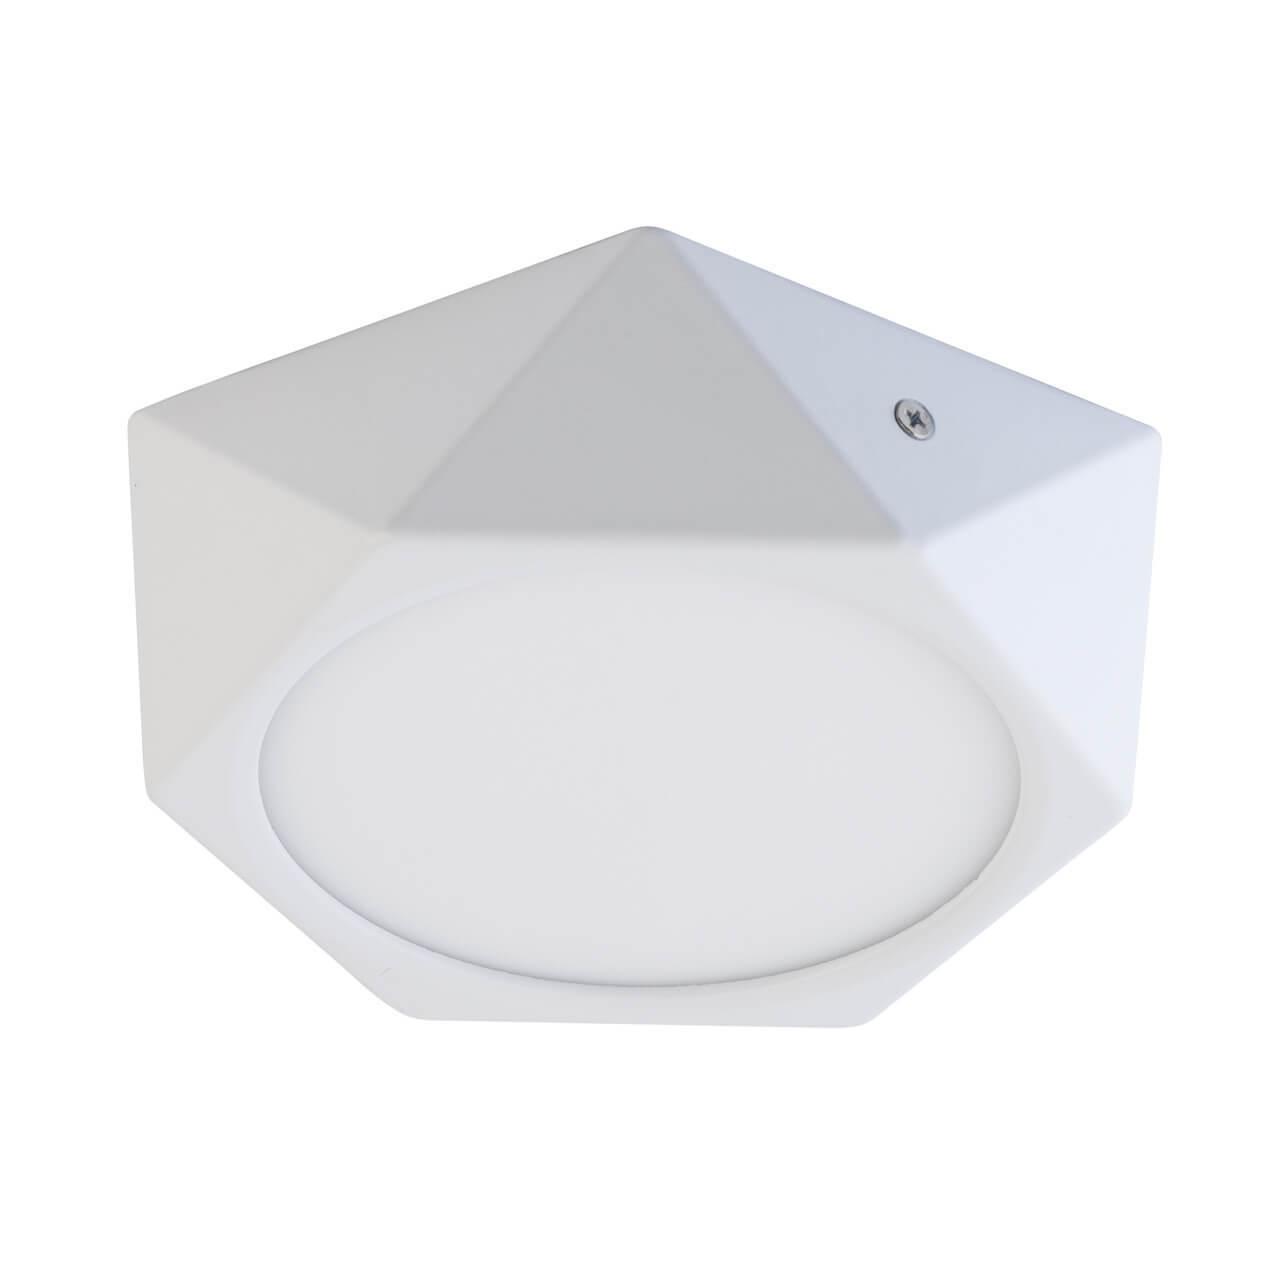 Потолочный светодиодный светильник De Markt Стаут 4 702011201 потолочный светодиодный светильник de markt стаут 4 702011001